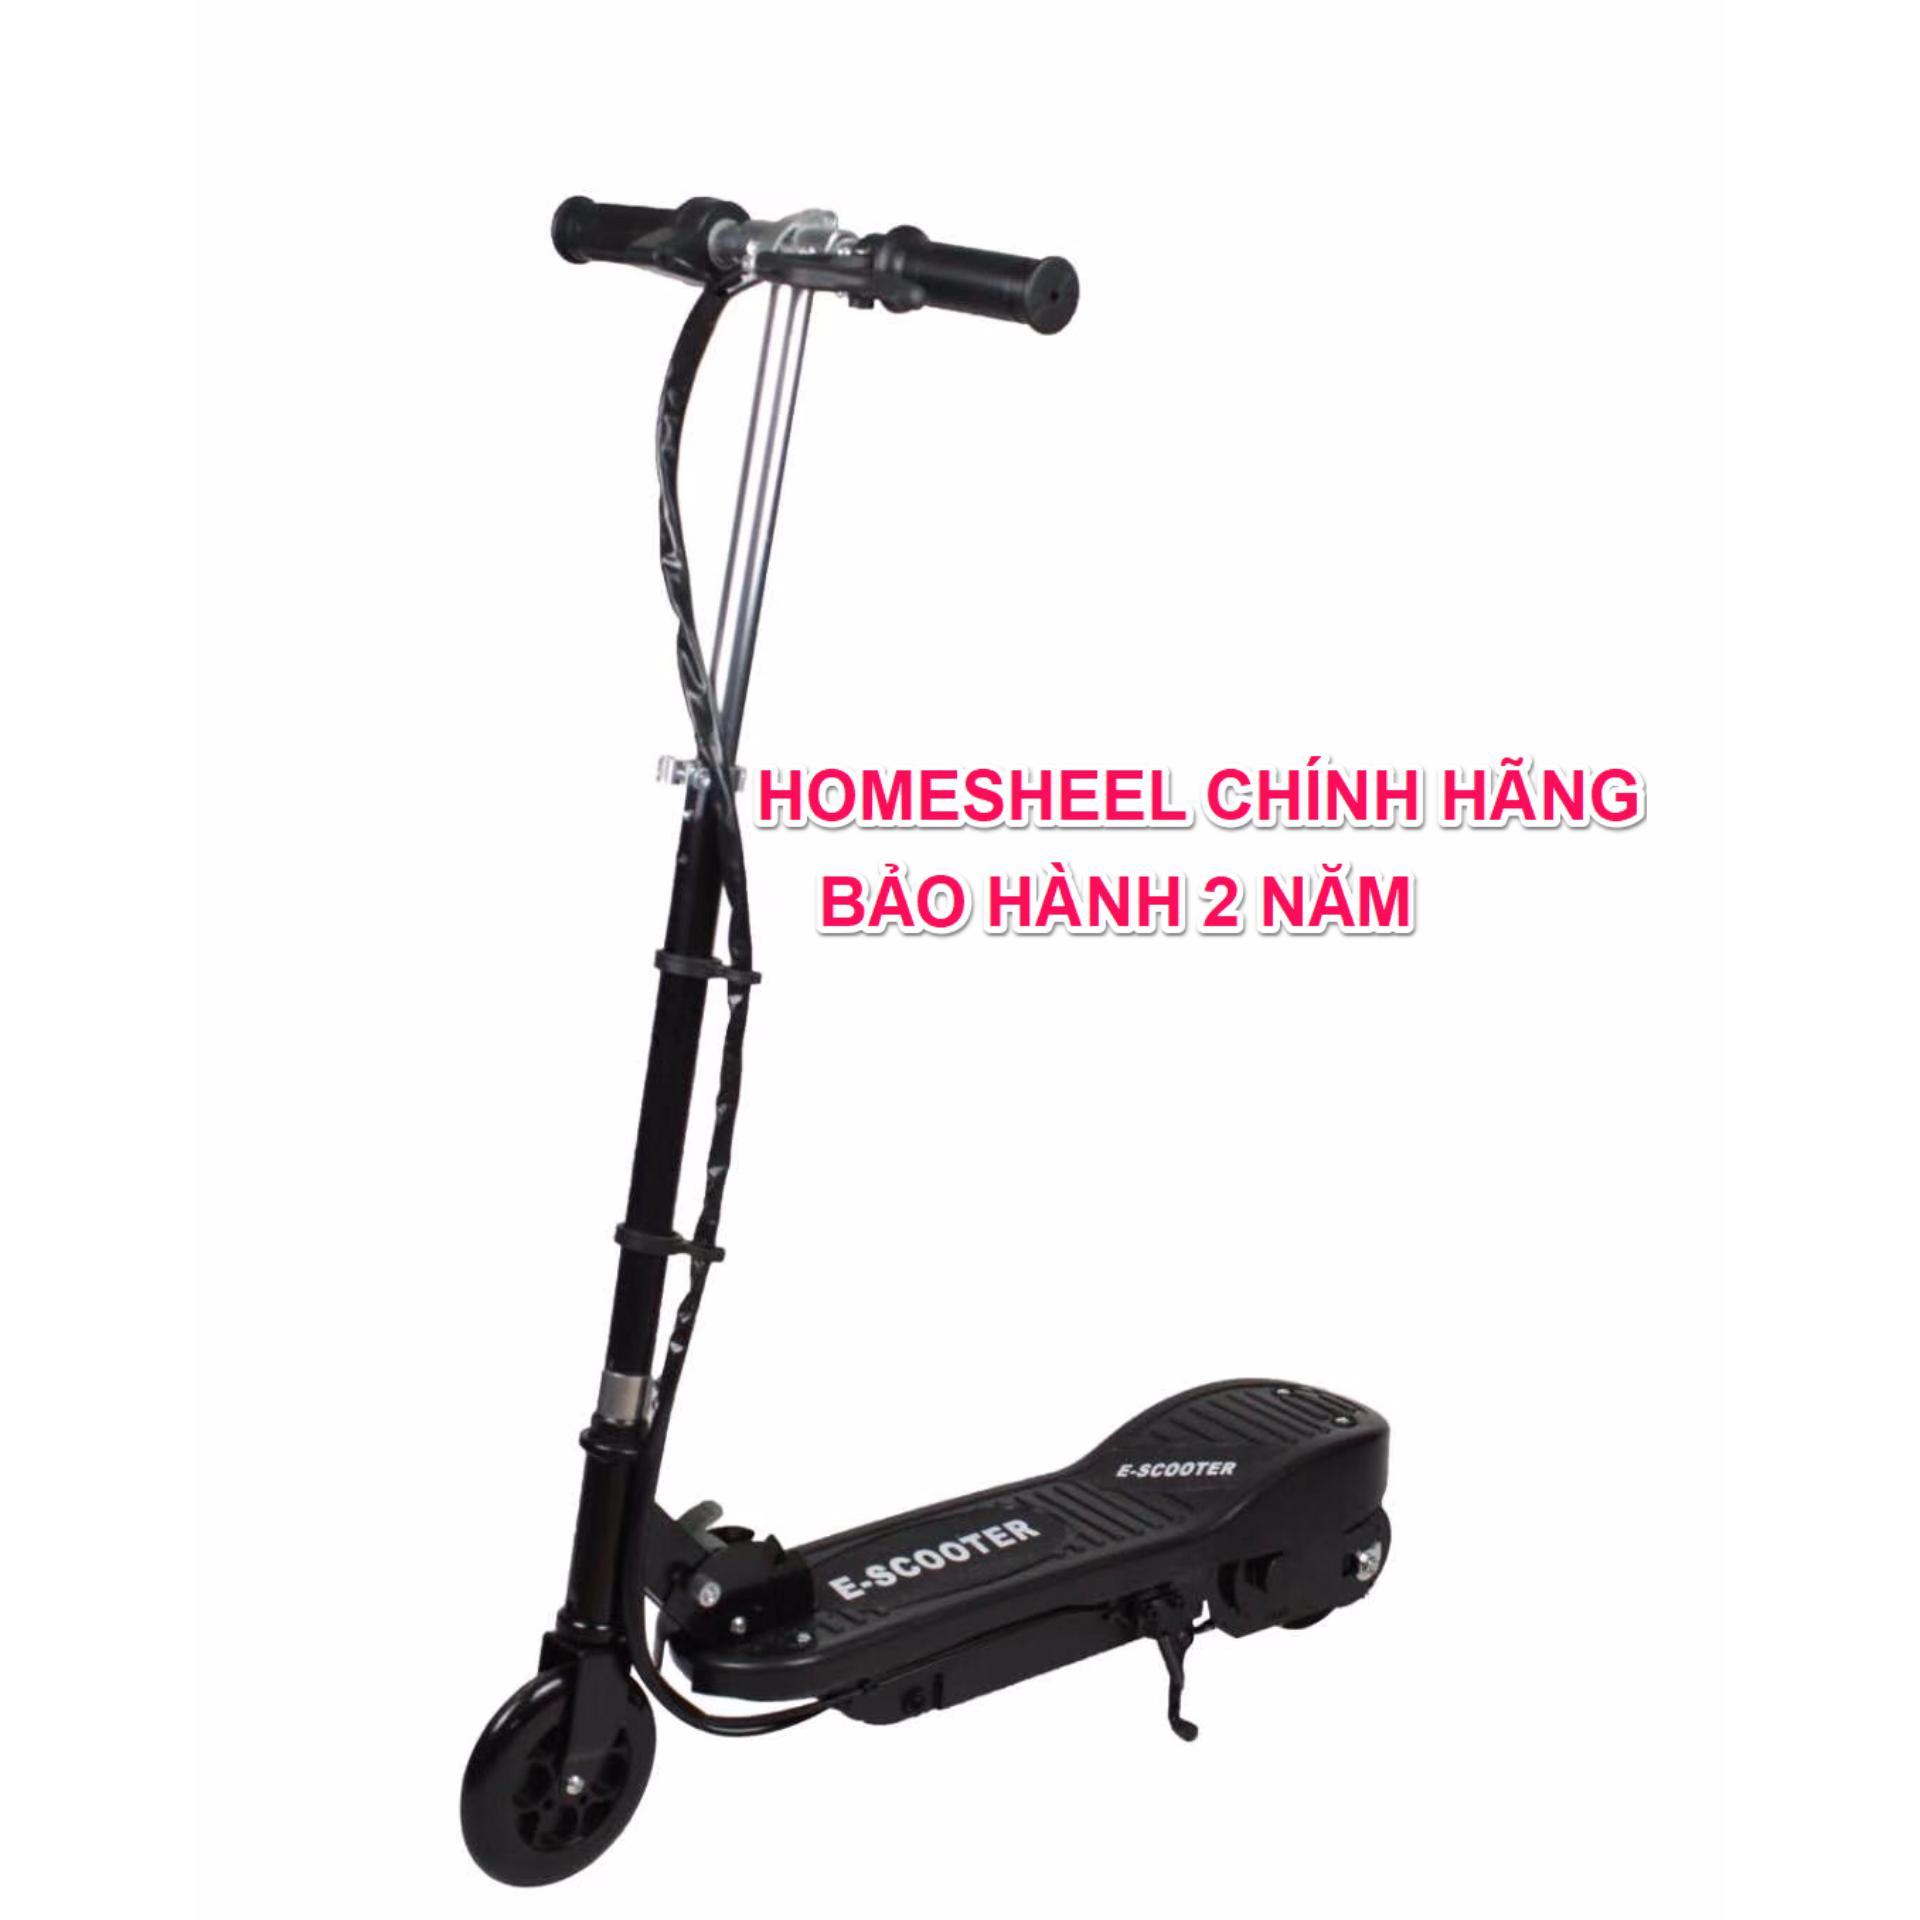 Mua Xe điện scooter Homesheel b2 mẫu mới - đen